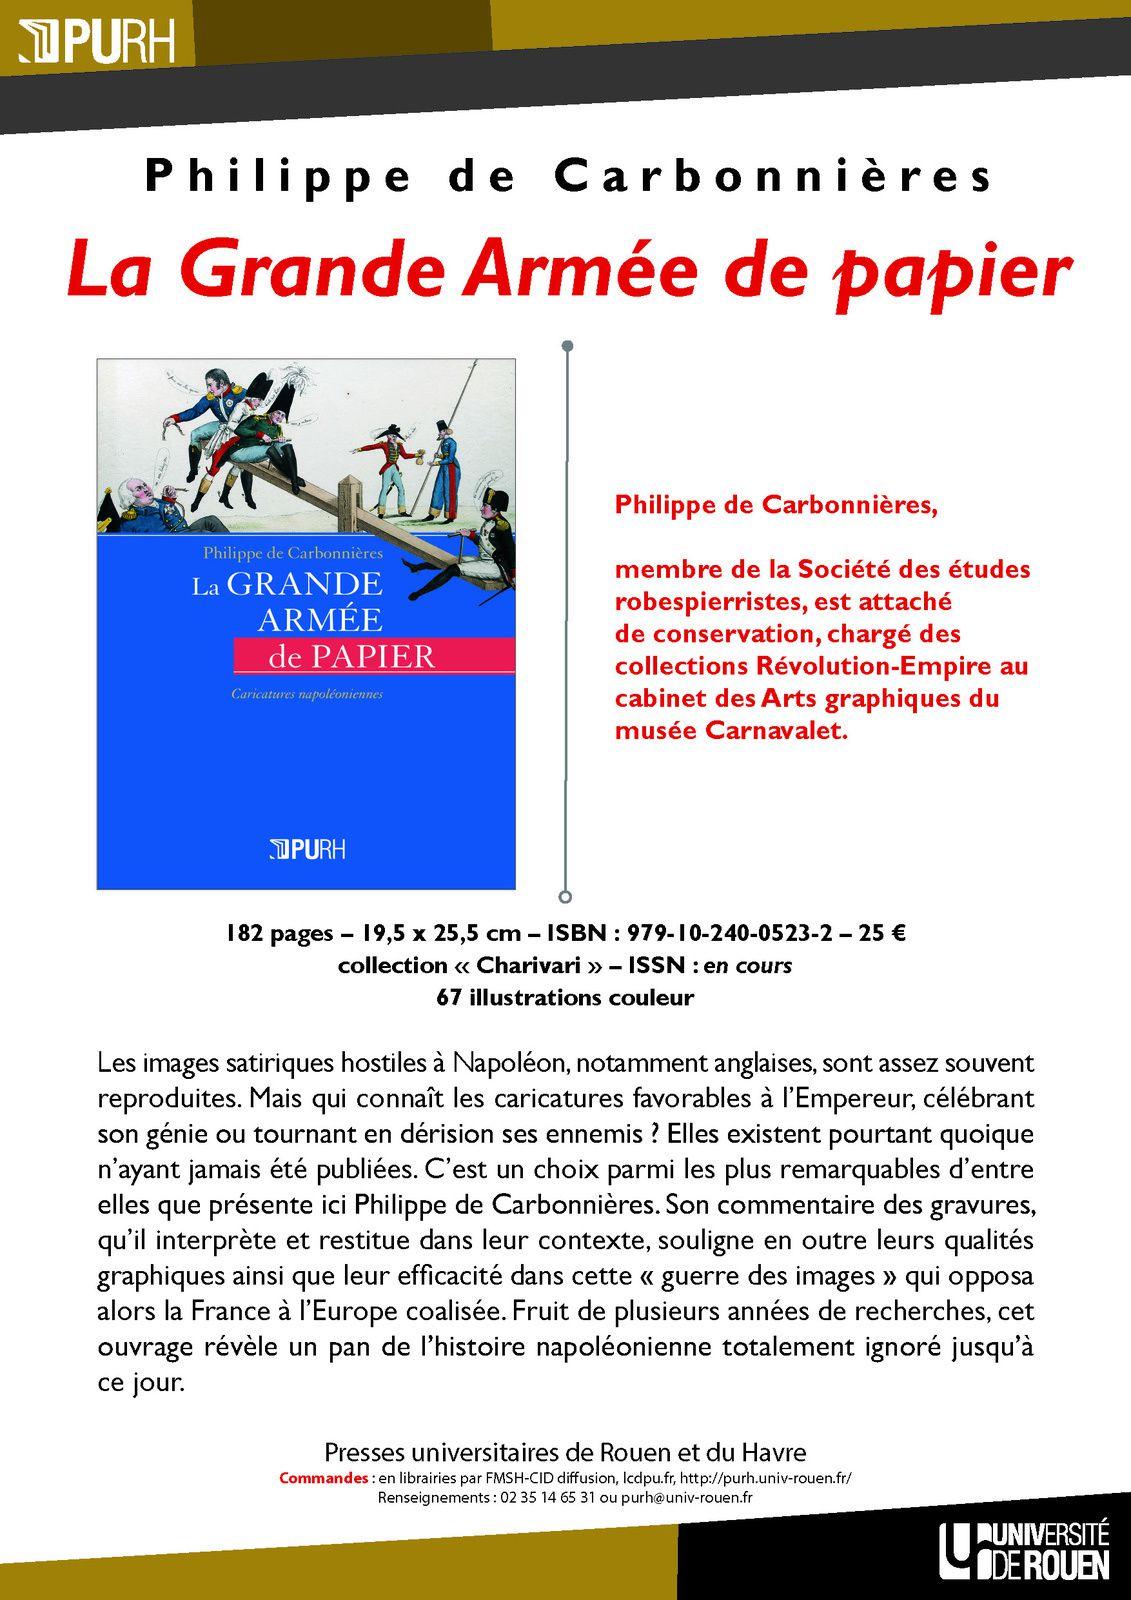 """Philippe de Carbonnières, """"La Grande Armée de papier"""" : les images satiriques favorables à Napoléon Ier"""